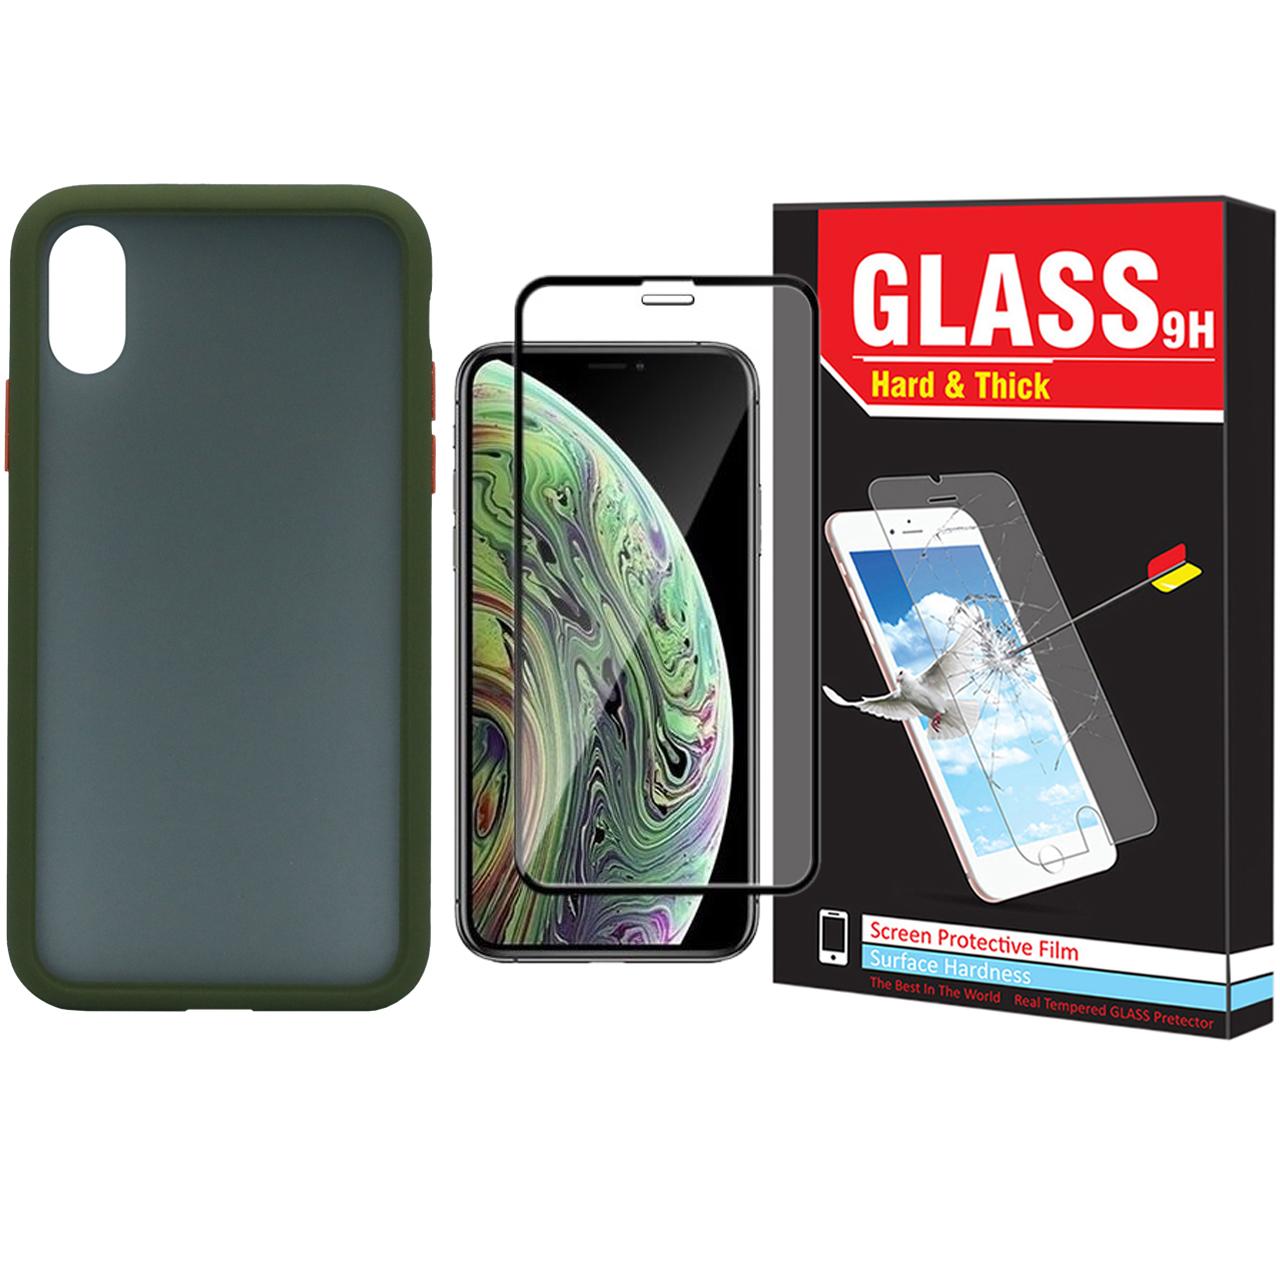 کاور مدل Sb-001 مناسب برای گوشی موبایل اپل Iphone X / Xs به همراه محافظ صفحه نمایش Hard and Thick